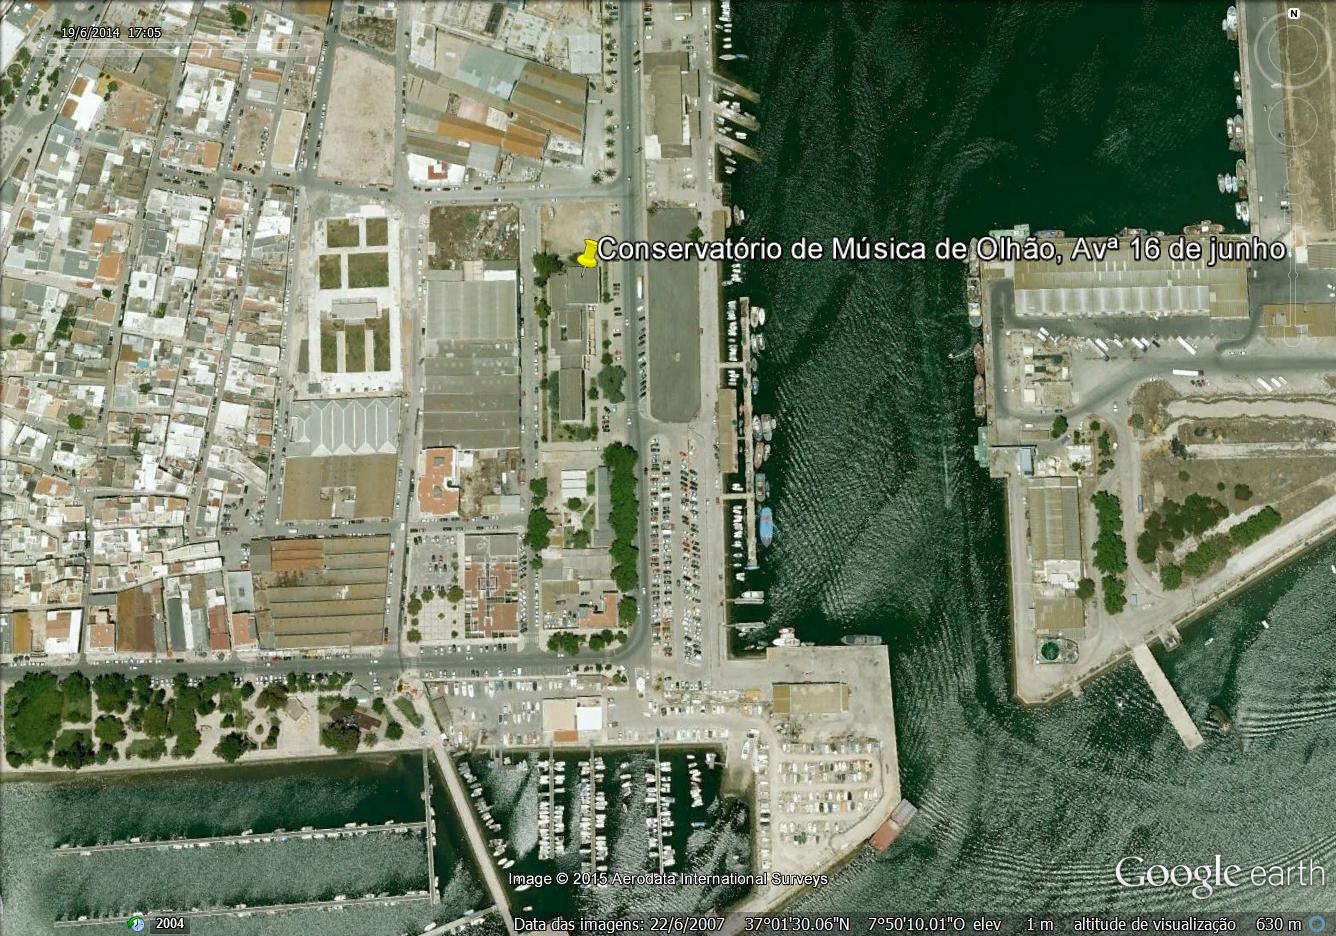 Google earth- Conservatório Olhão